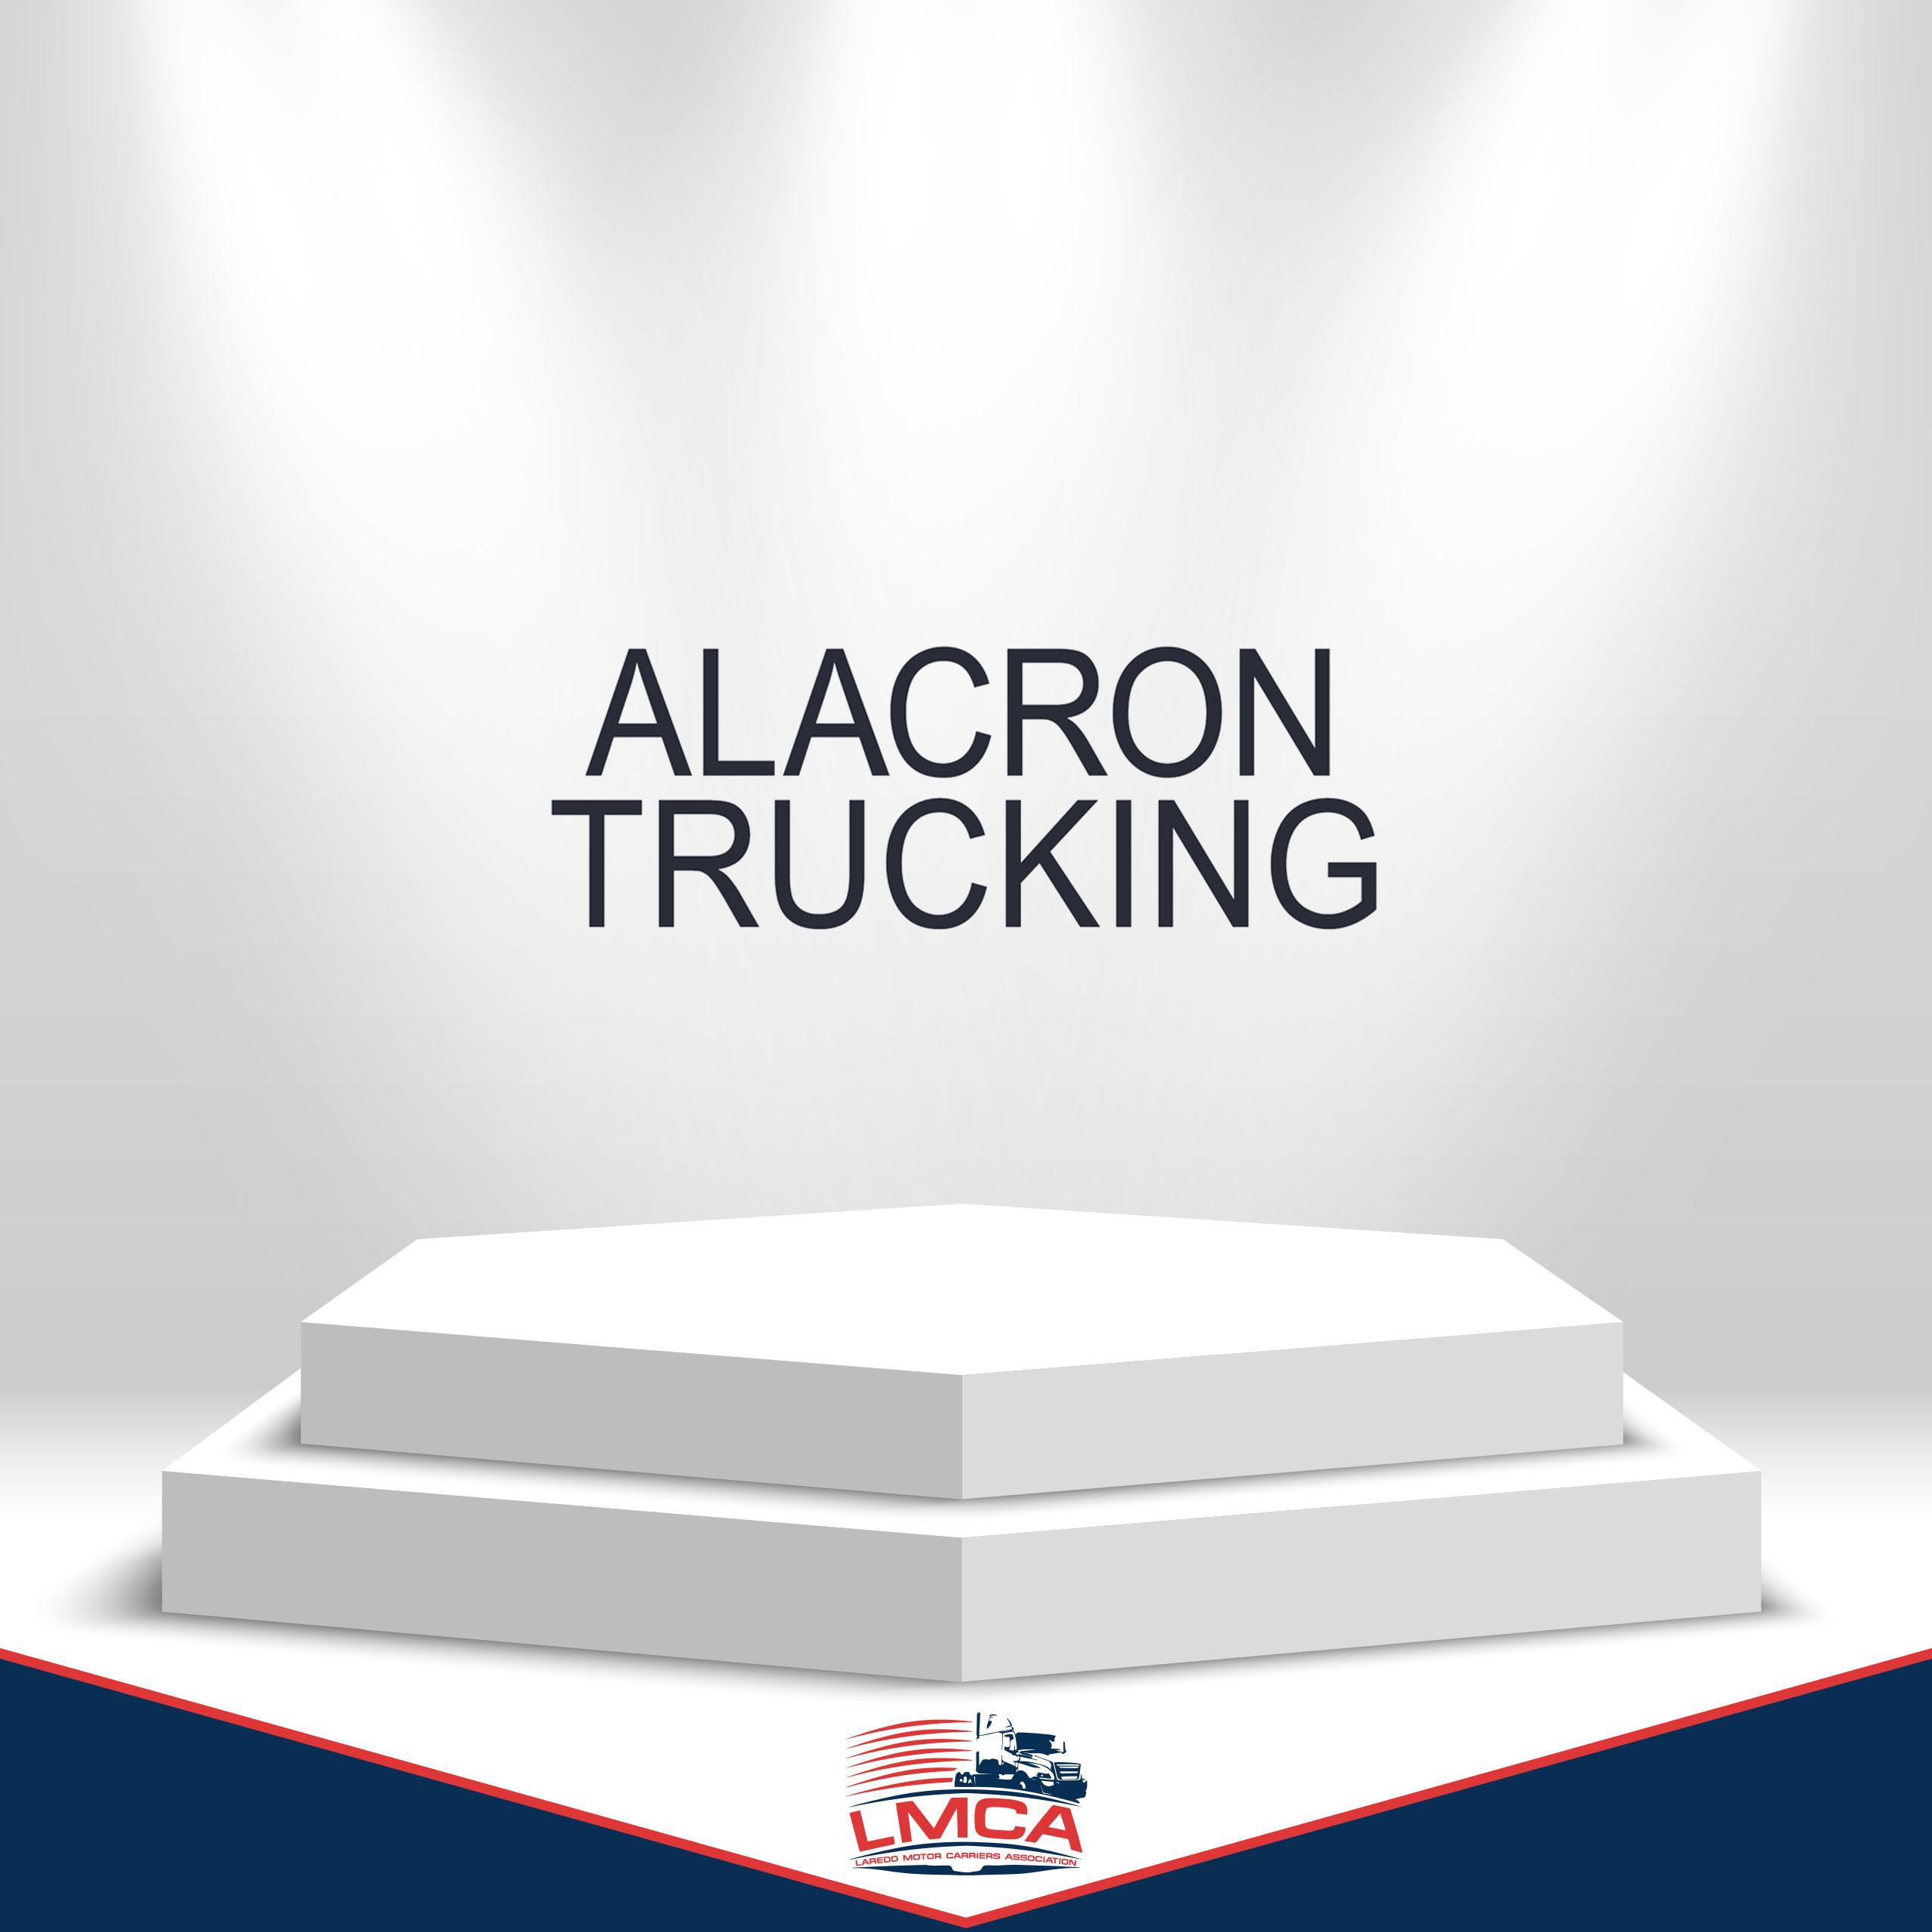 alarcon trucking